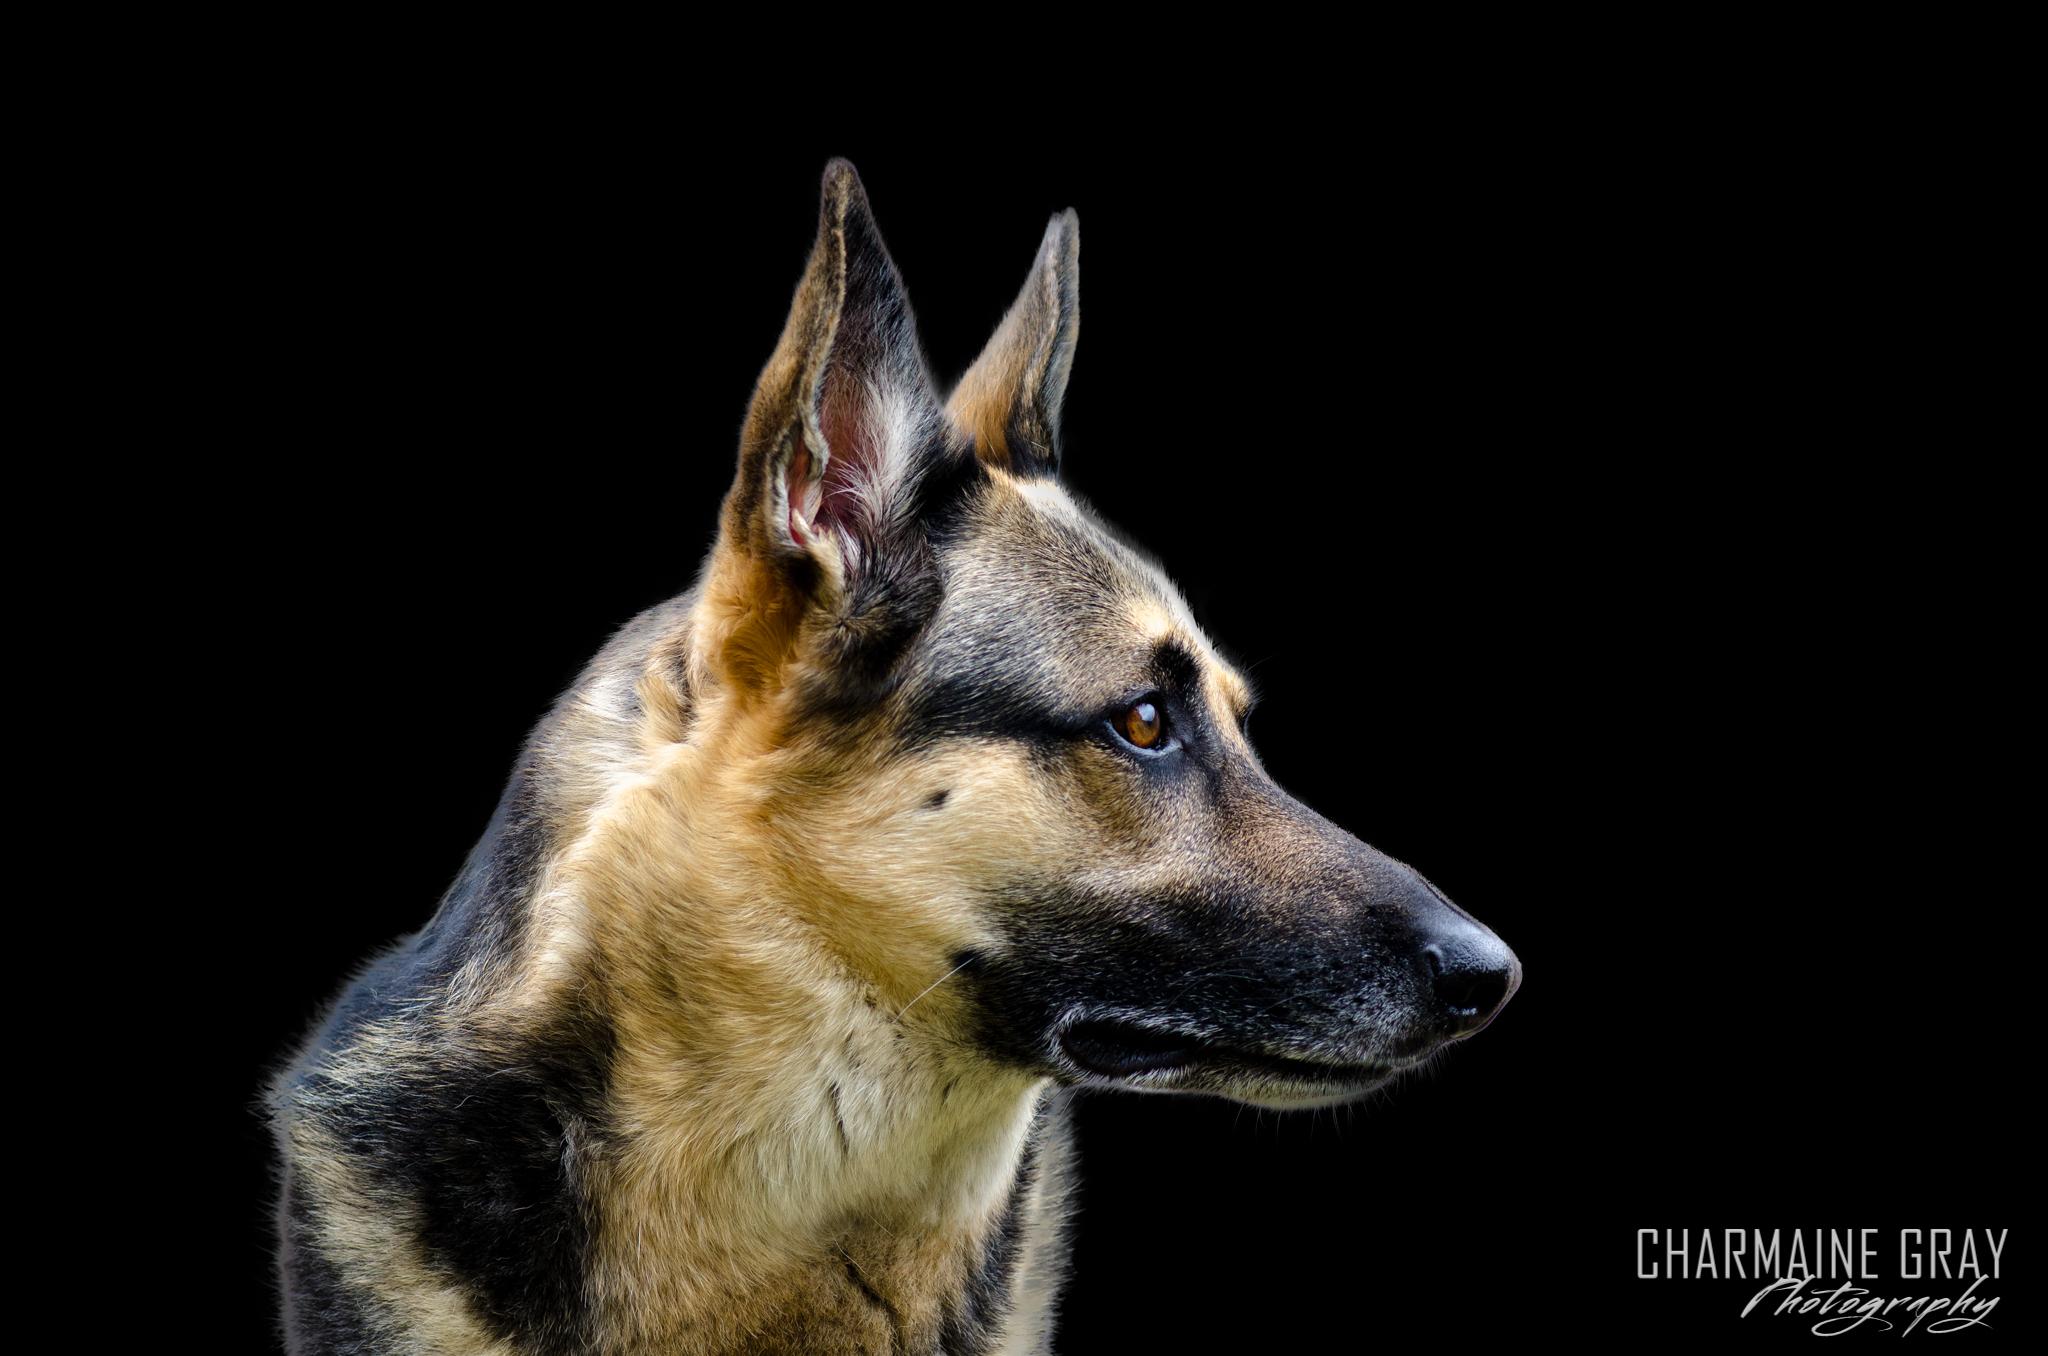 pet photographer, pet photography, pet portrait, pet, animal, charmaine gray photography, charmaine gray pet photography, san diego,german shepherd